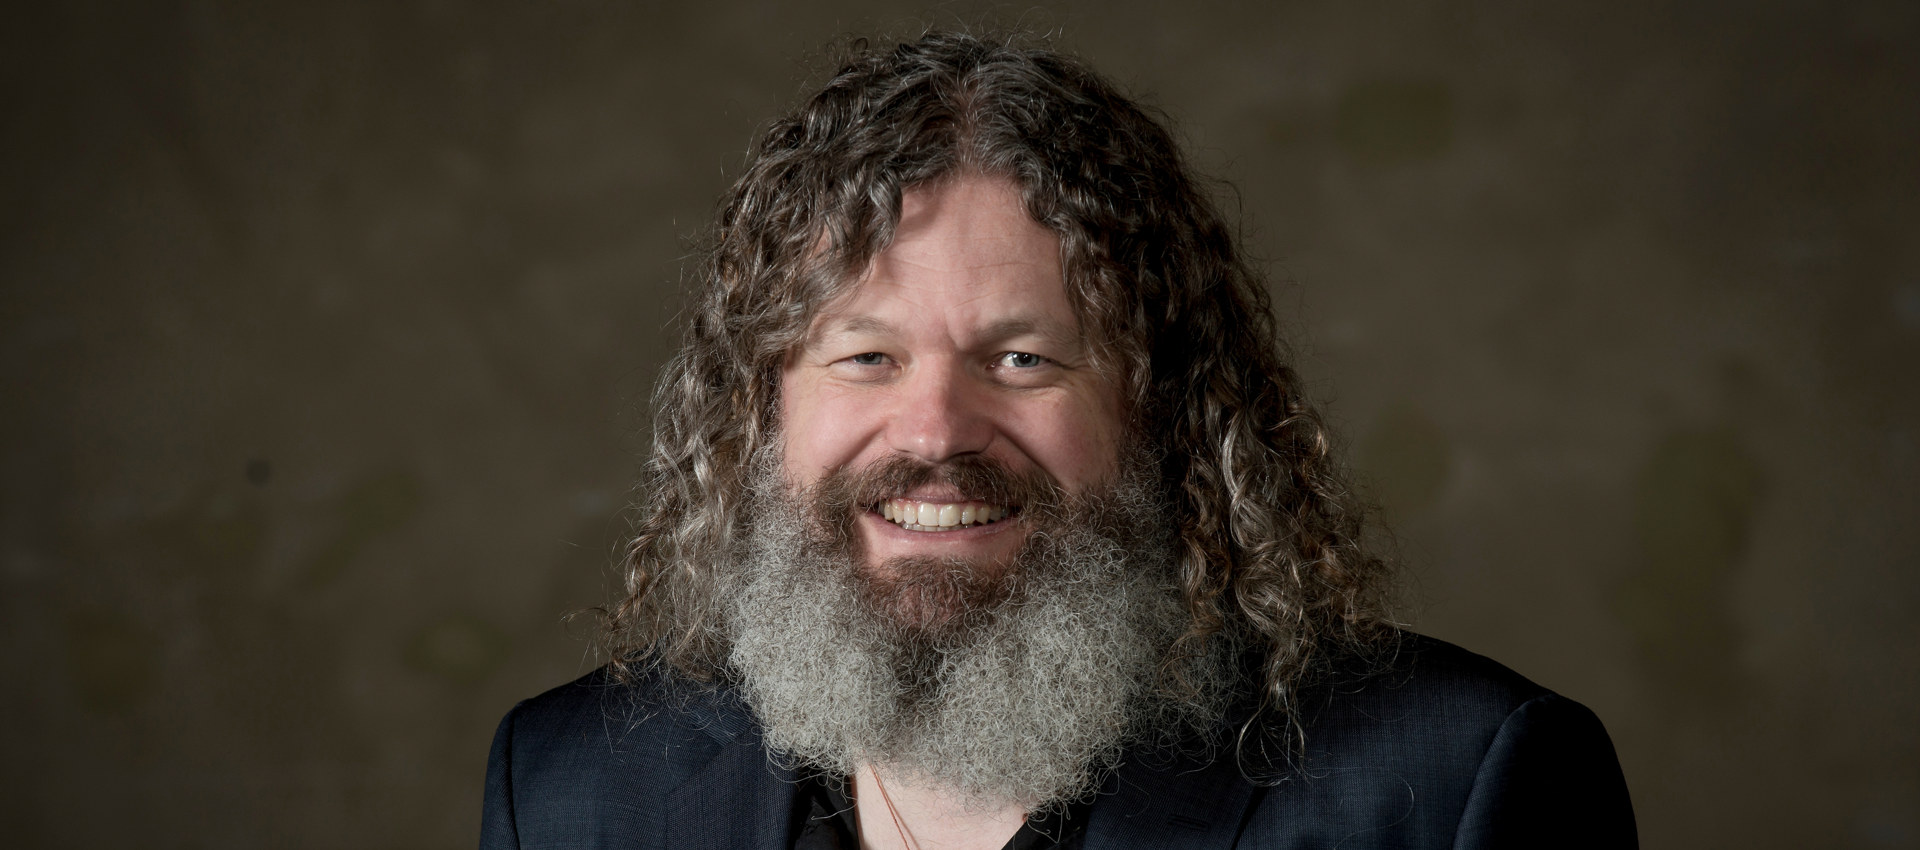 Torgeir Waterhouse, Direktør internett og nye medier, IKT-Norge